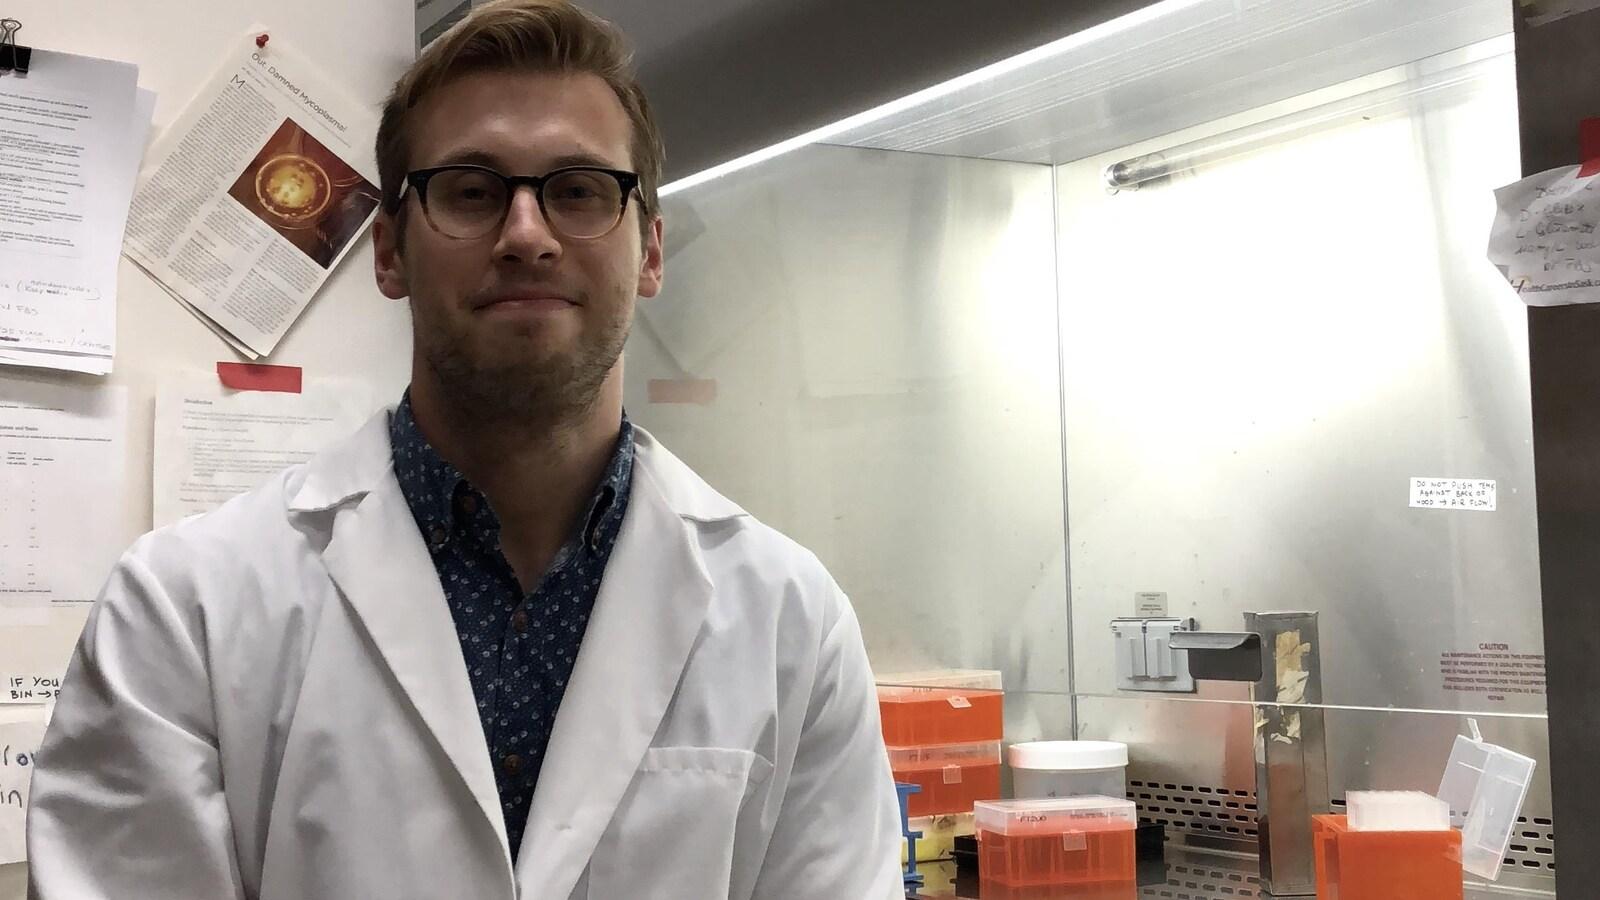 Matt Anderson-Baron est vêtu d'un sarrau, assis dans son laboratoire.